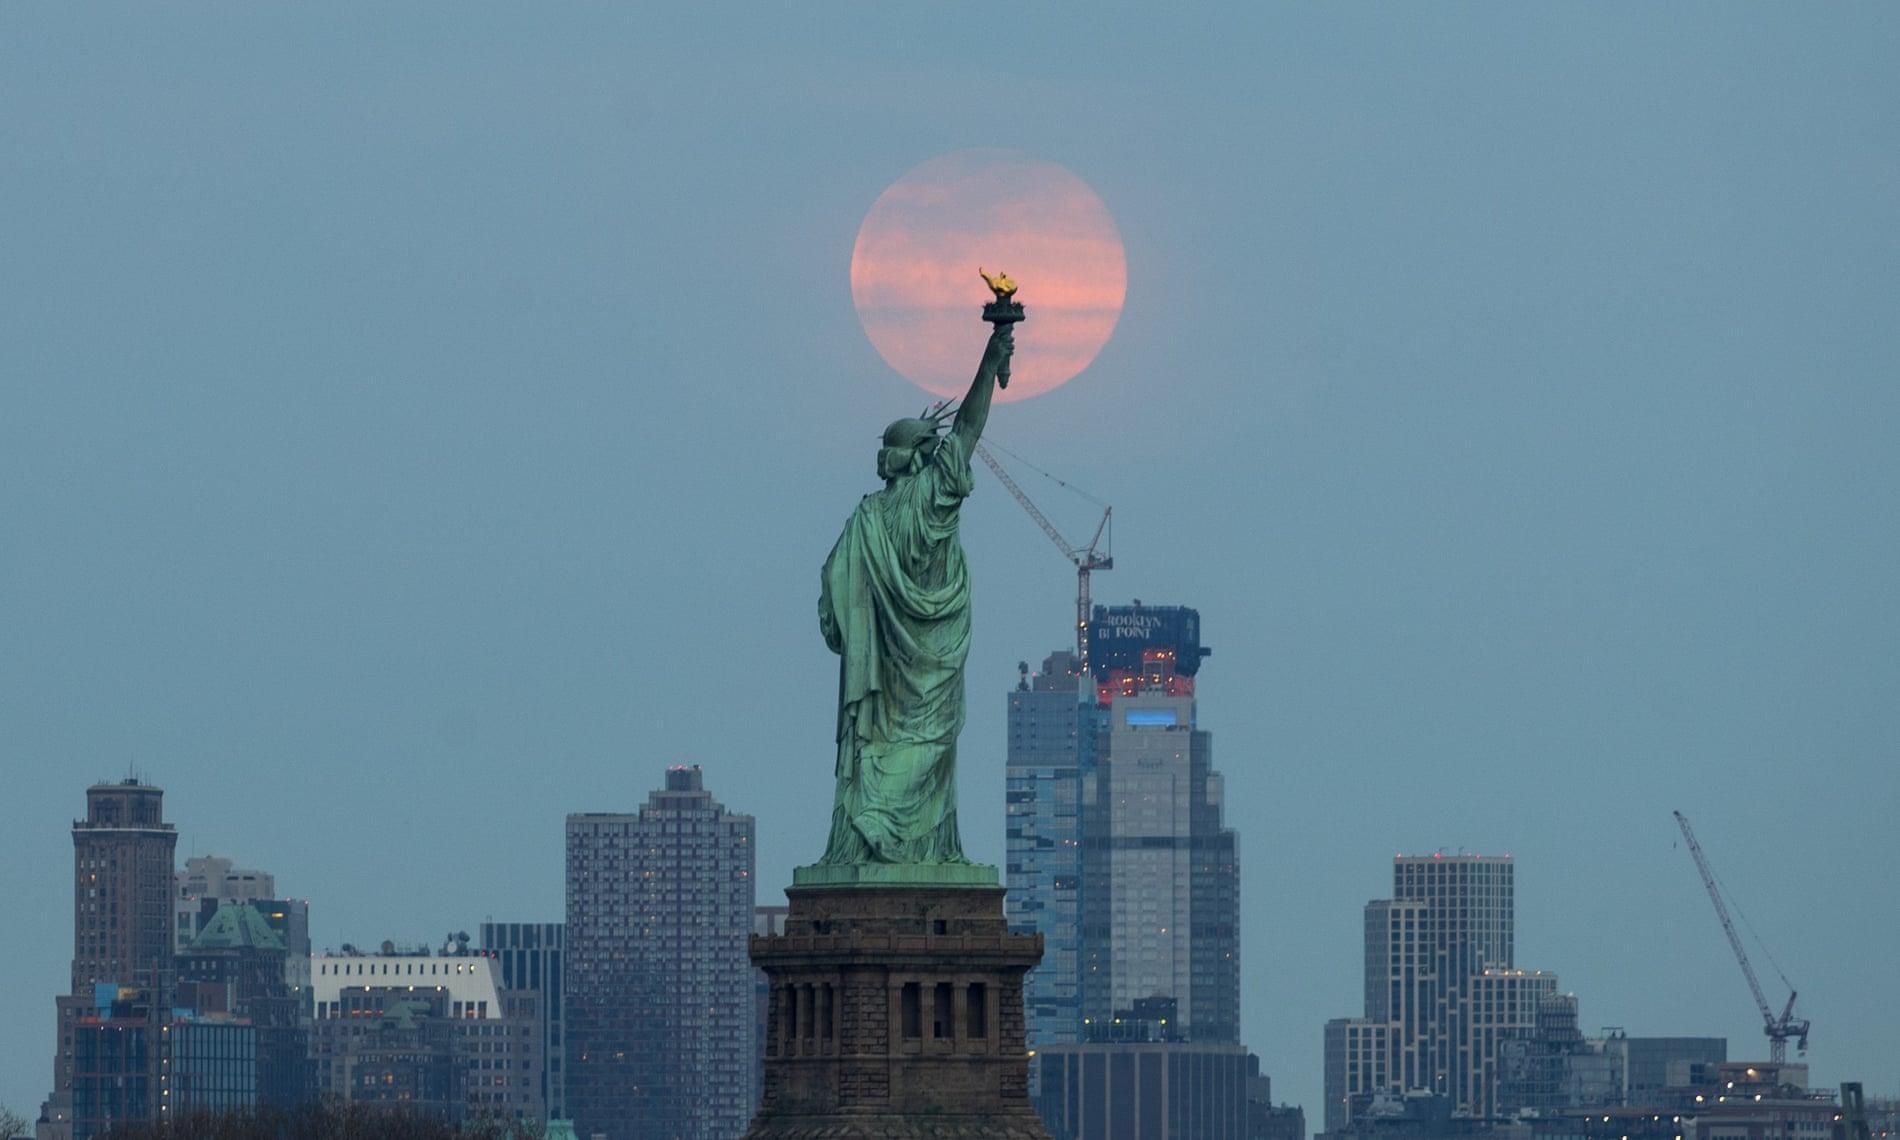 Siêu trăng cuối cùng trong năm 2019 thắp sáng bầu trời khắp nơi trên thế giới Ảnh 12